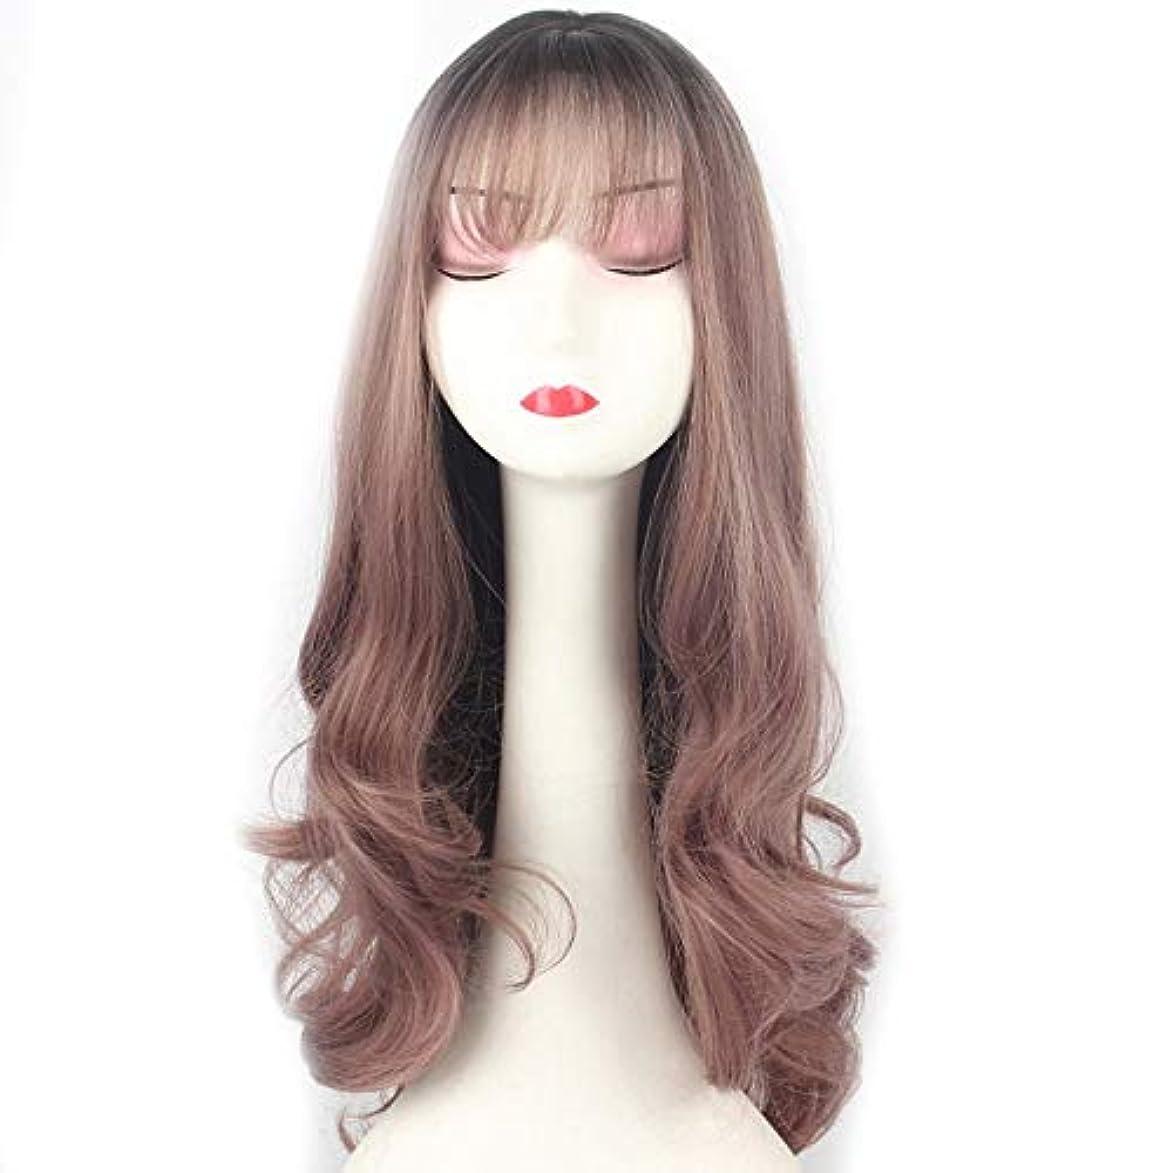 ゴールド海外列車WASAIO グラデーション薄いつるパープルかつら女性カールウィッグコスプレハロウィンヘアアクセサリースタイルの交換のための前髪 (色 : Gradient thin vine purple)